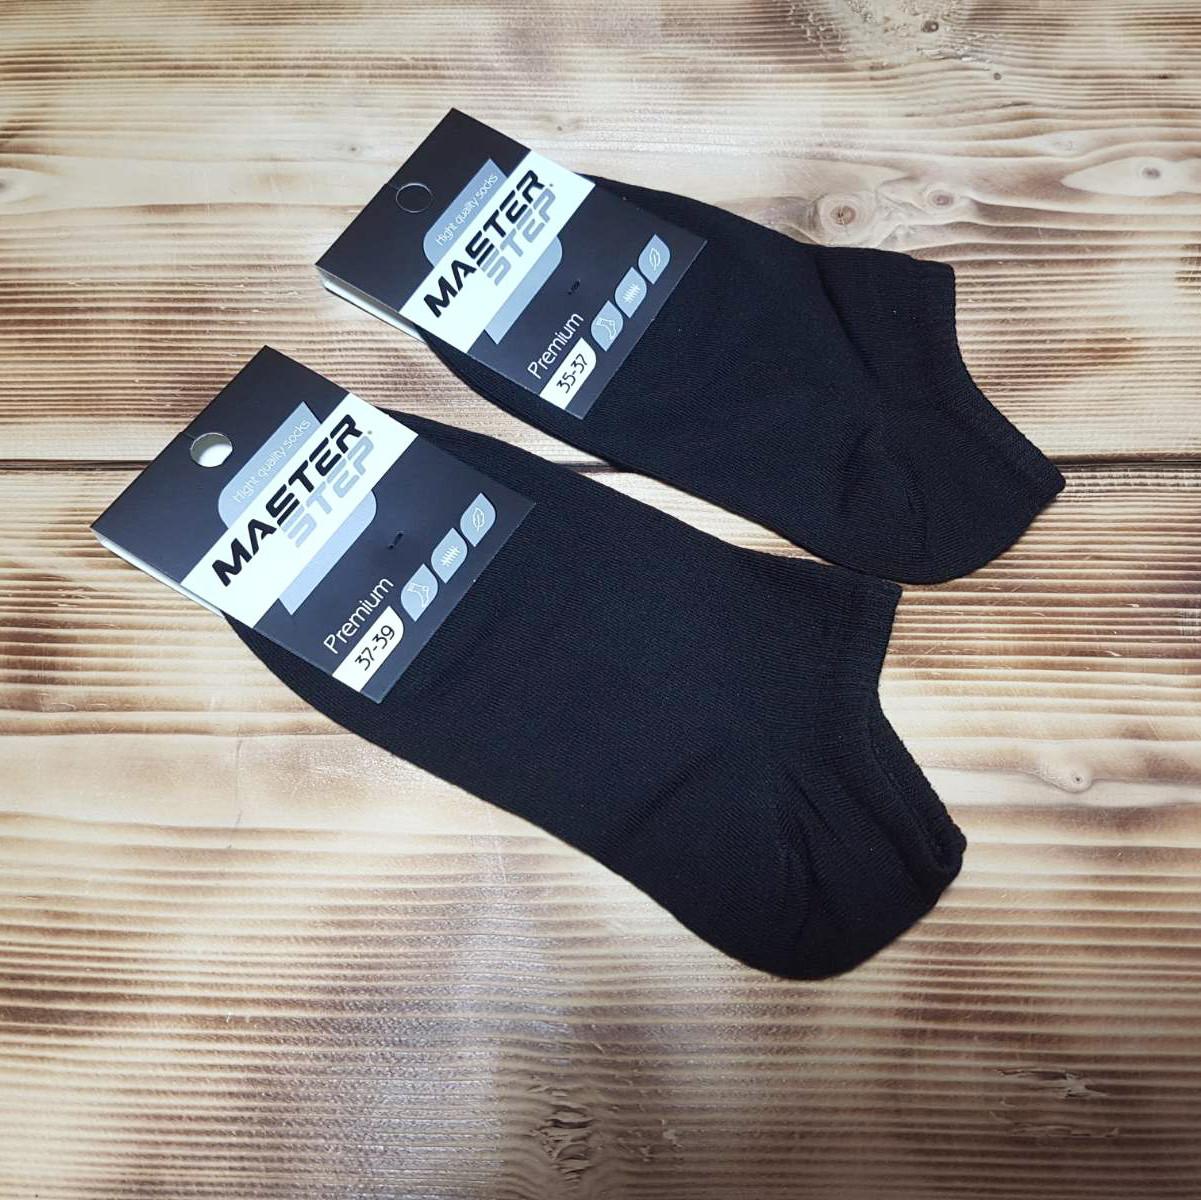 Носок чорний укорочений «Преміум», розмір 35-37